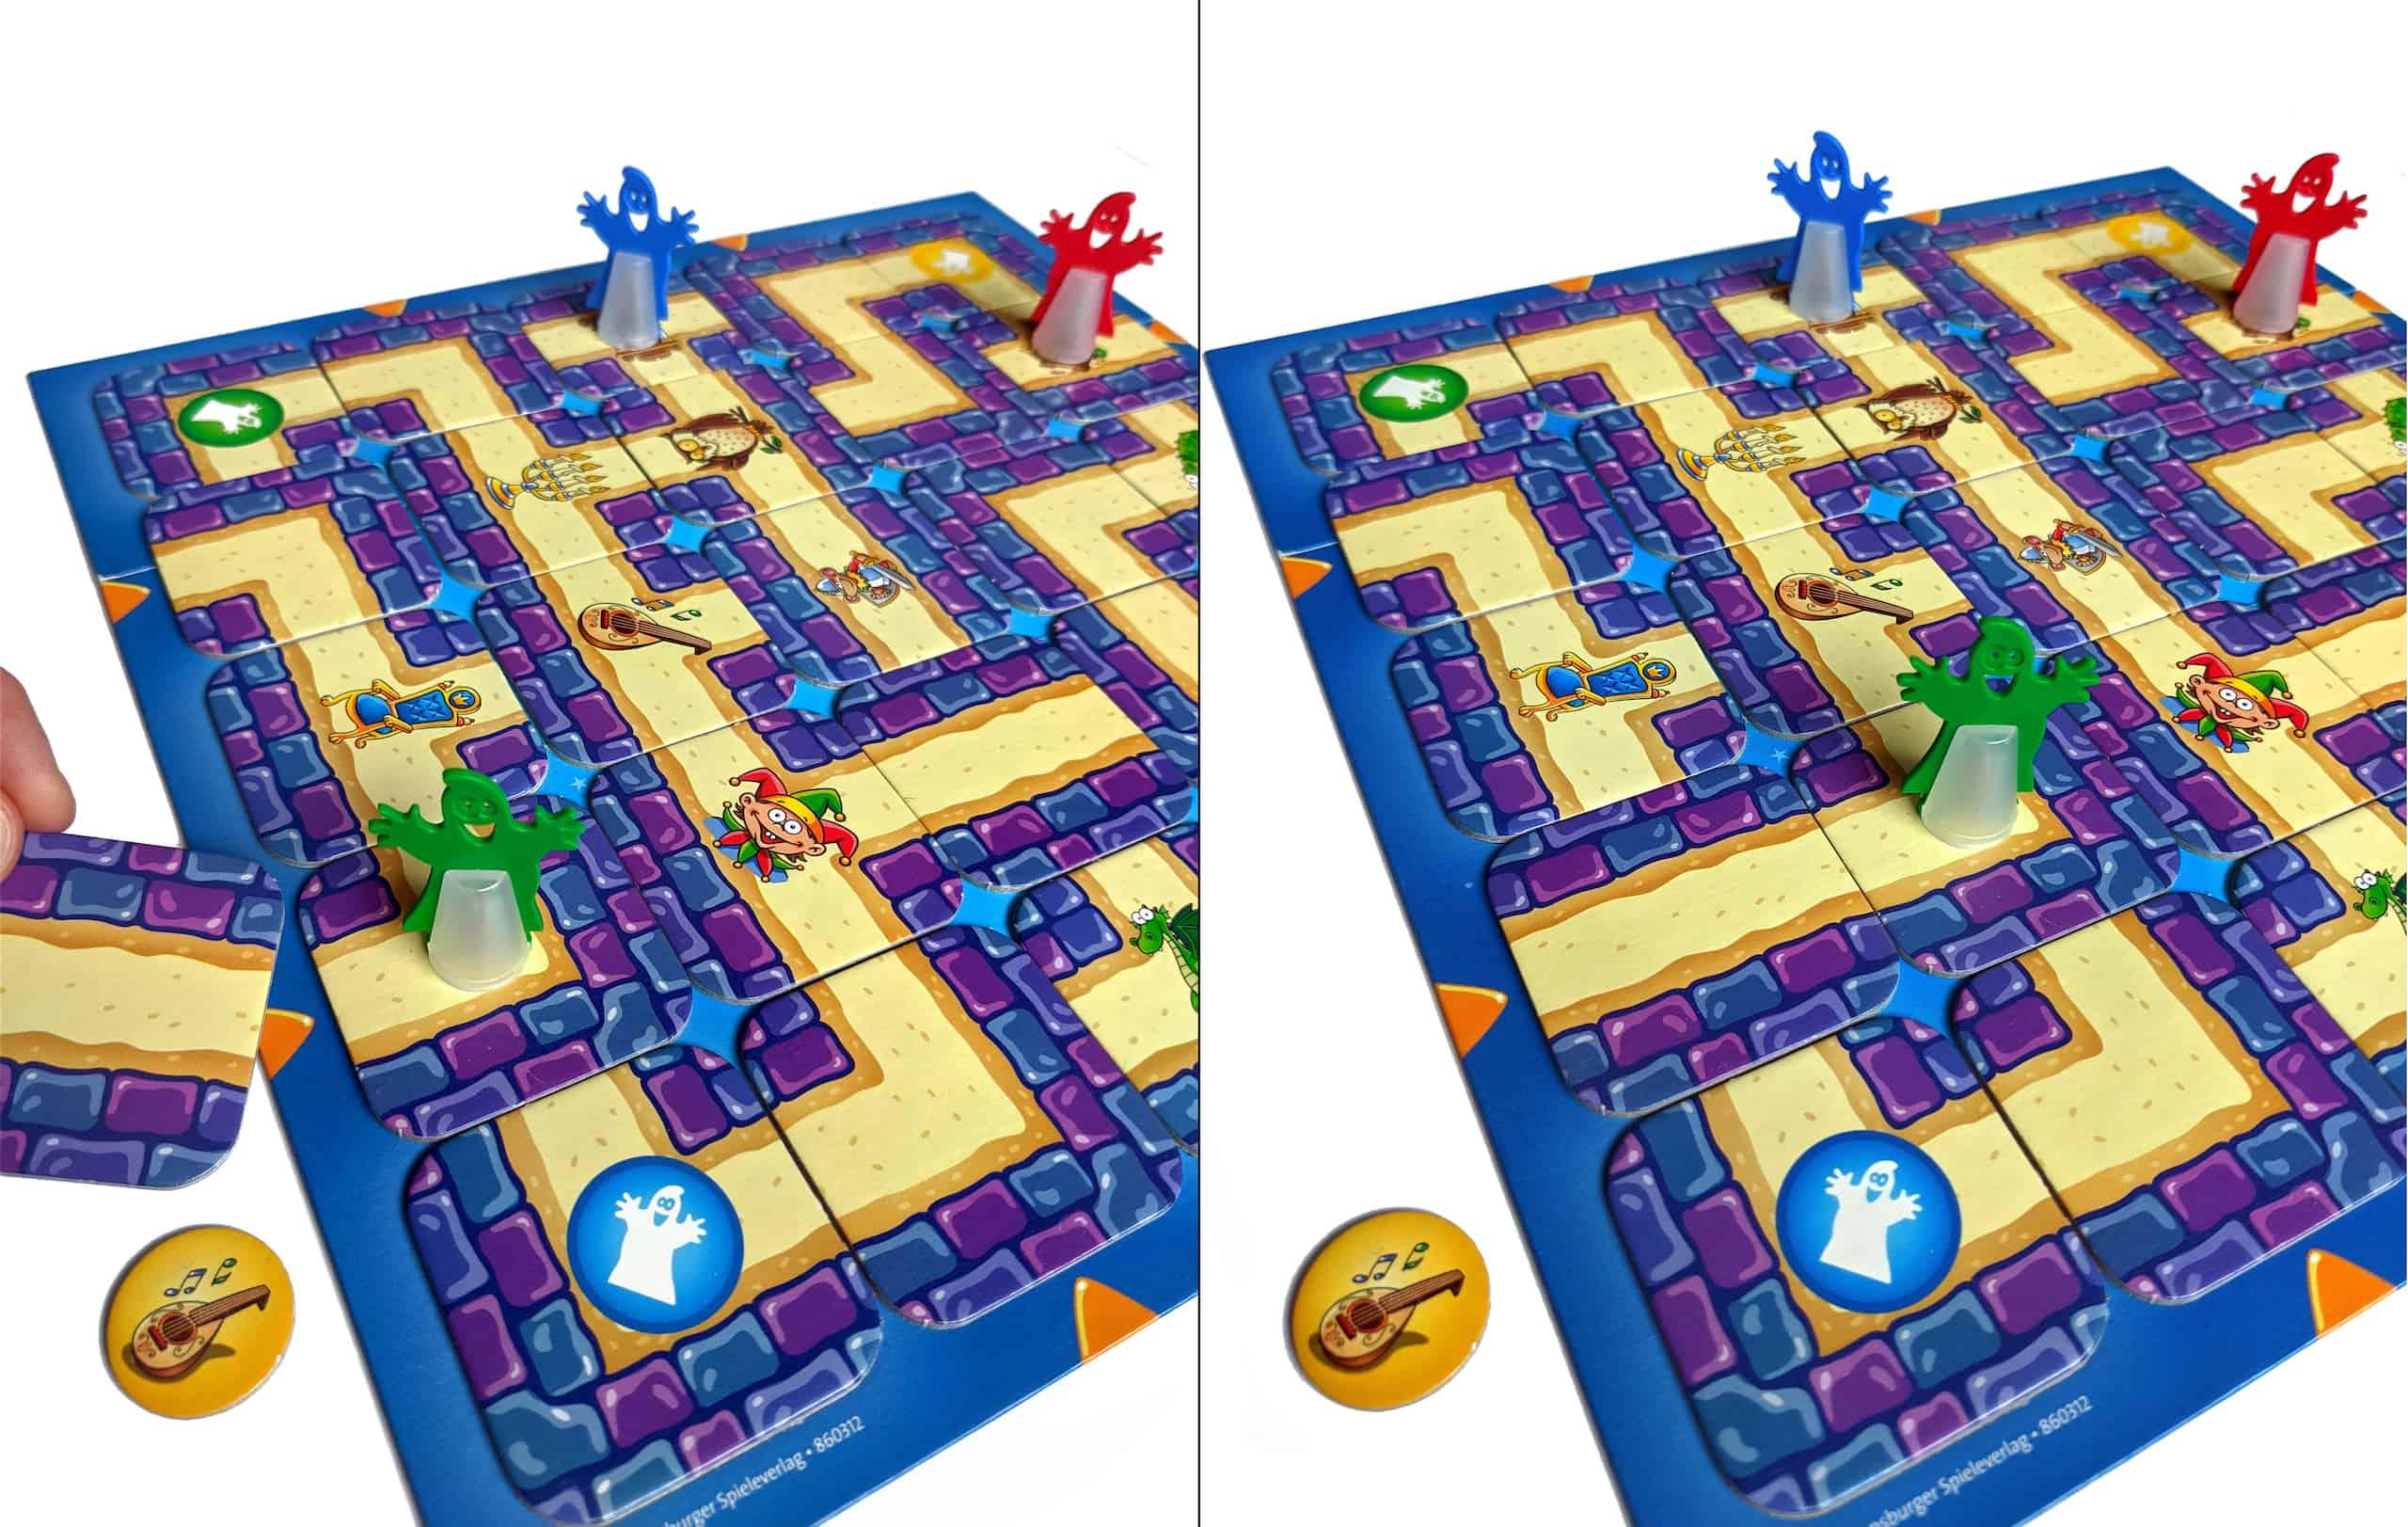 Junior Labyrinth ja siirto, jolla pelaaja pääsee aarteen luokse